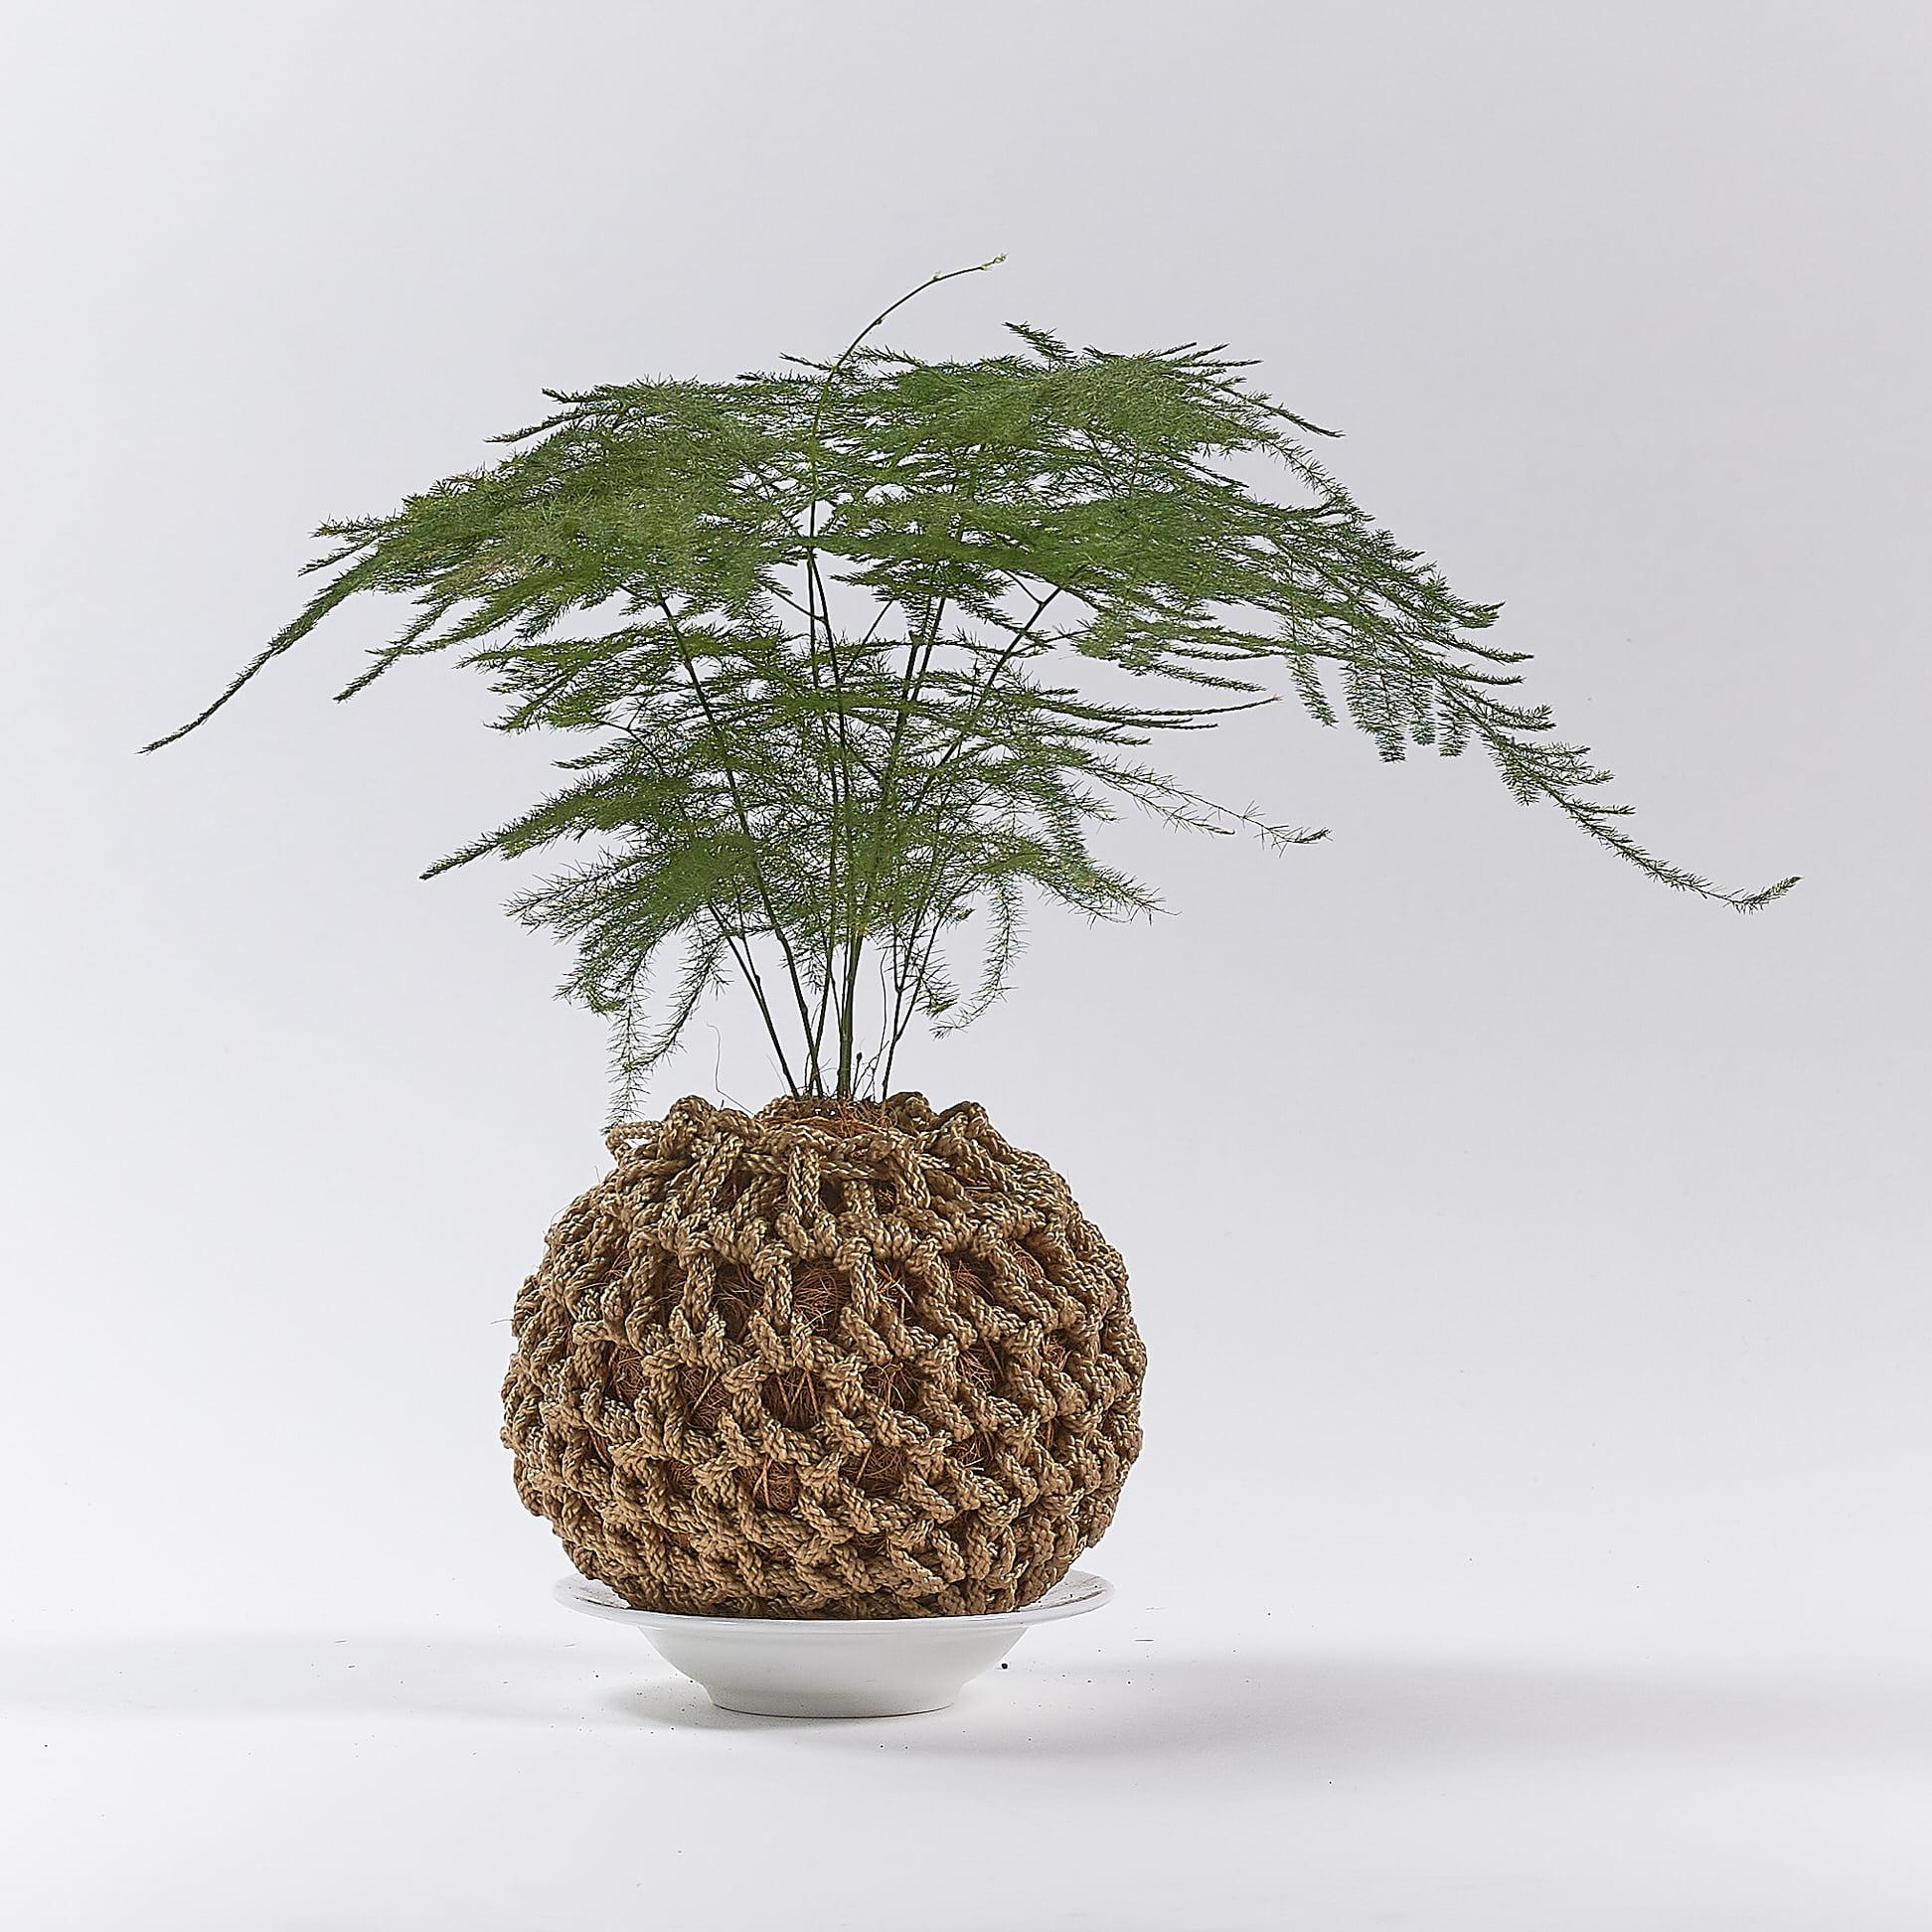 گیاهان مناسب برای کوکداما